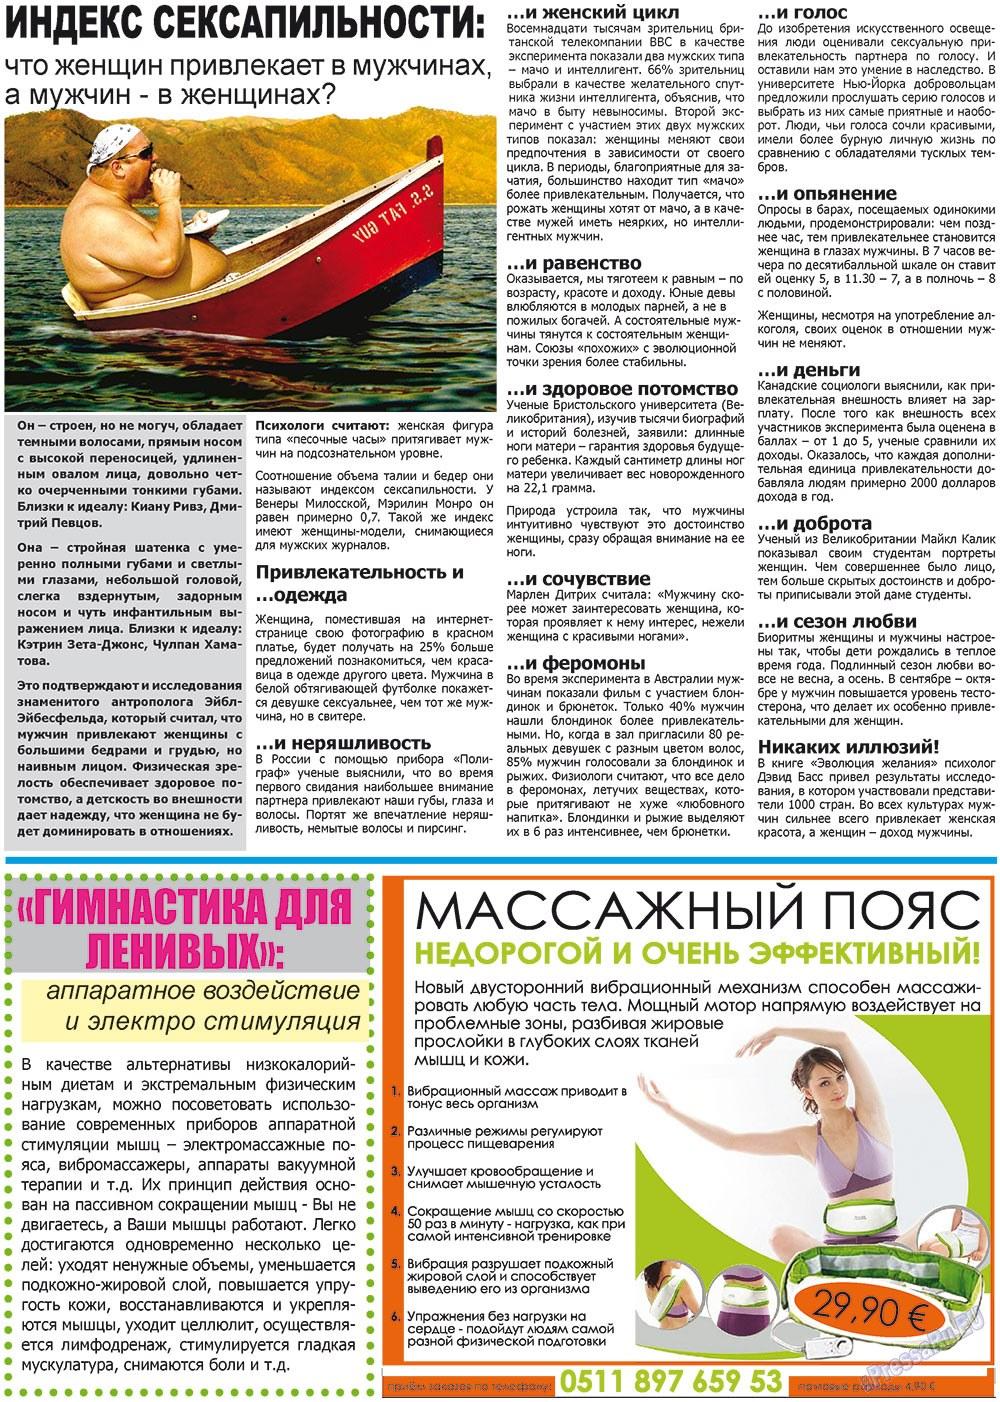 Все pro все (газета). 2011 год, номер 6, стр. 11